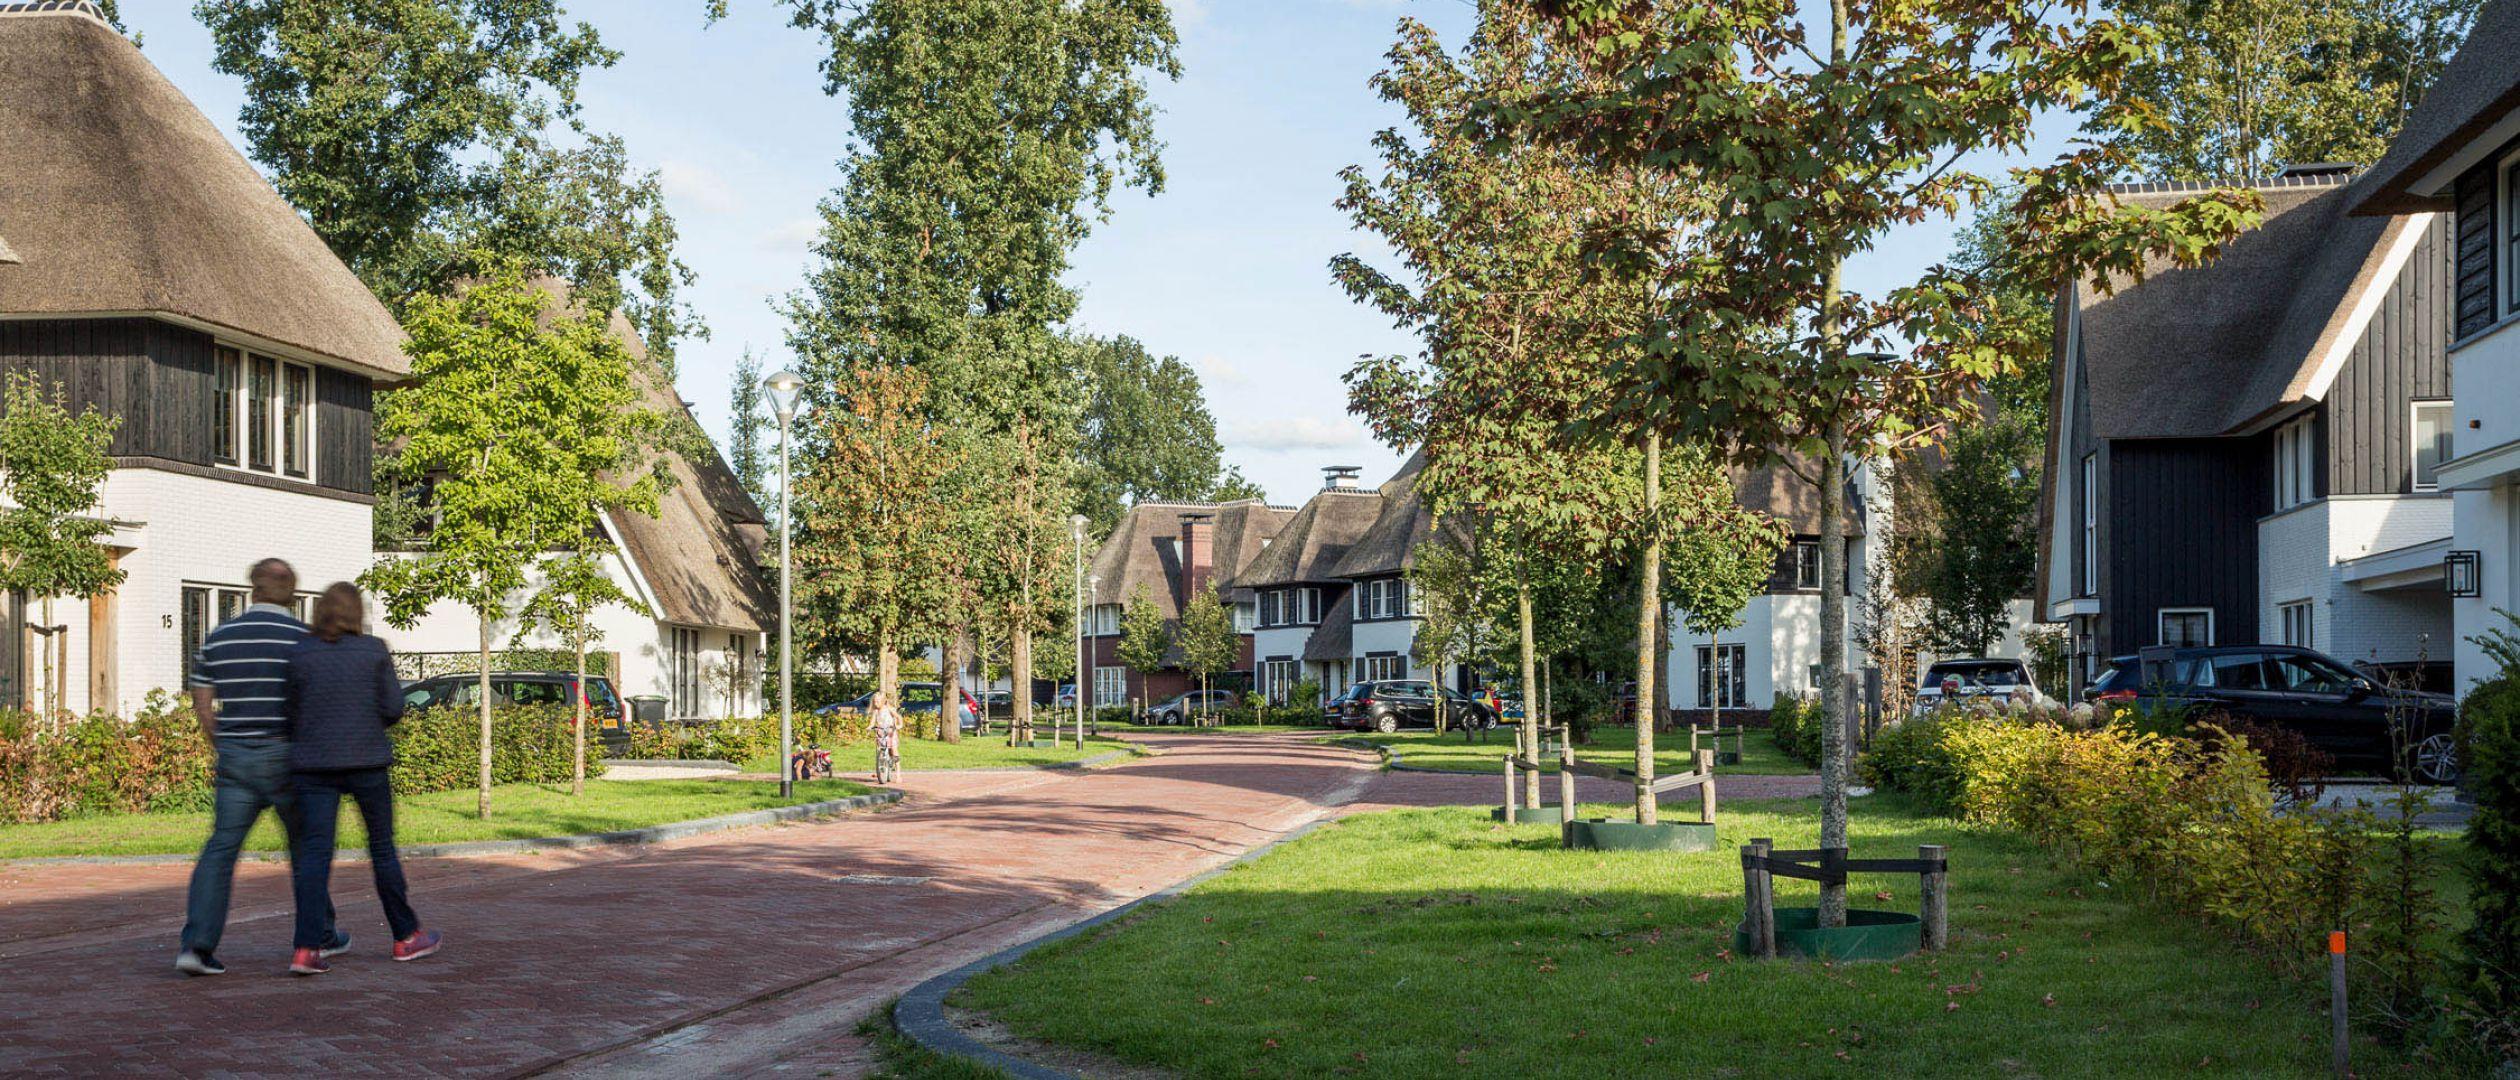 Villawijk Naardereiland, Naarden